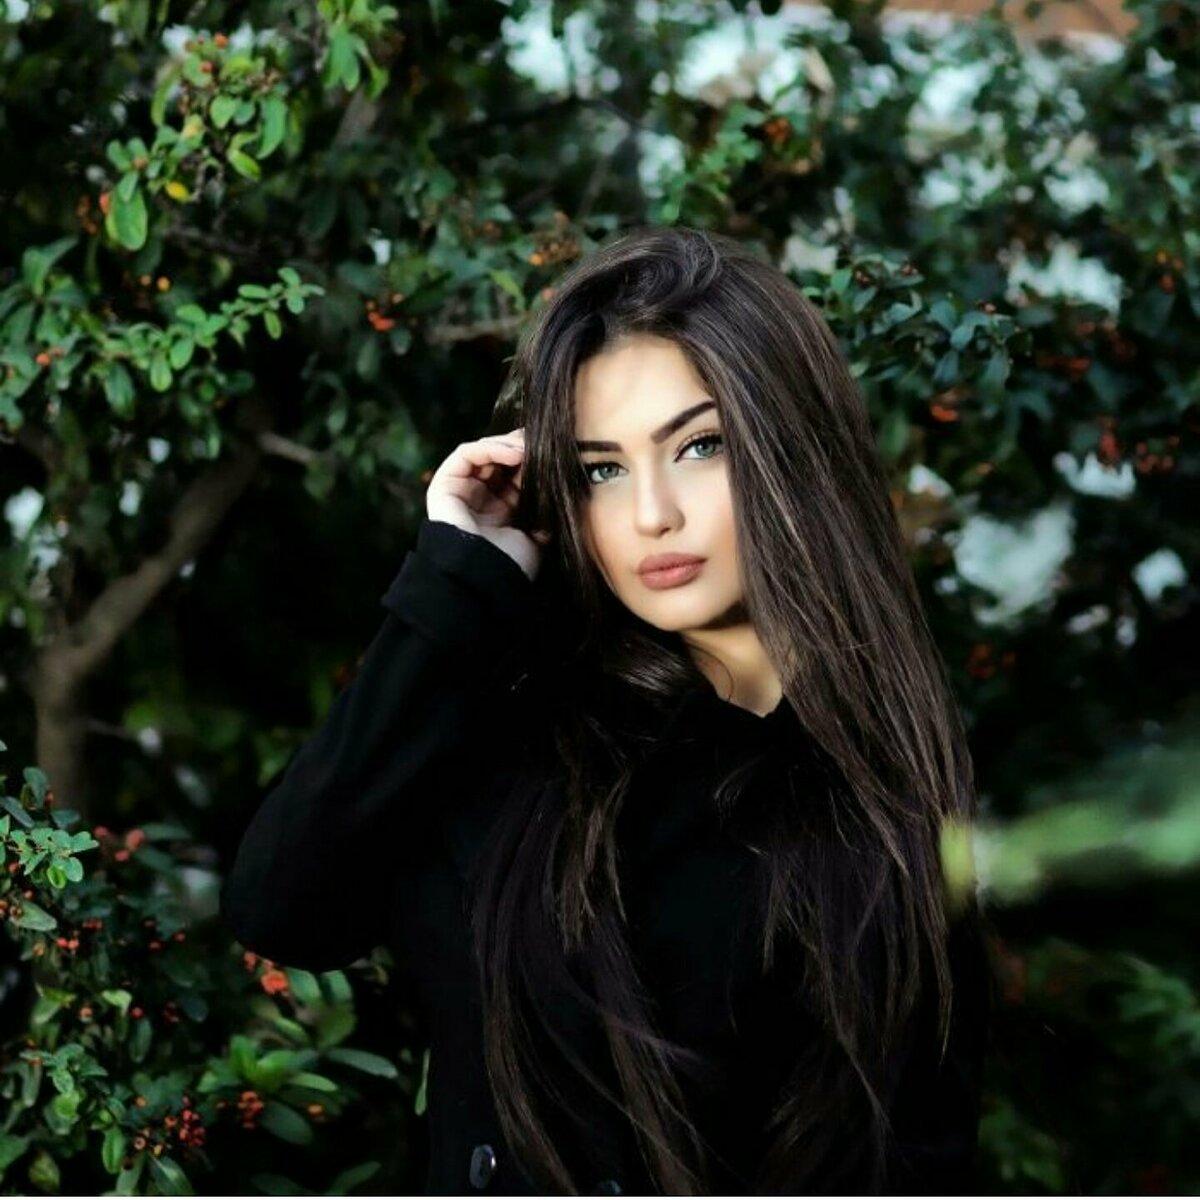 Красивые скромные картинки девушек кавказа